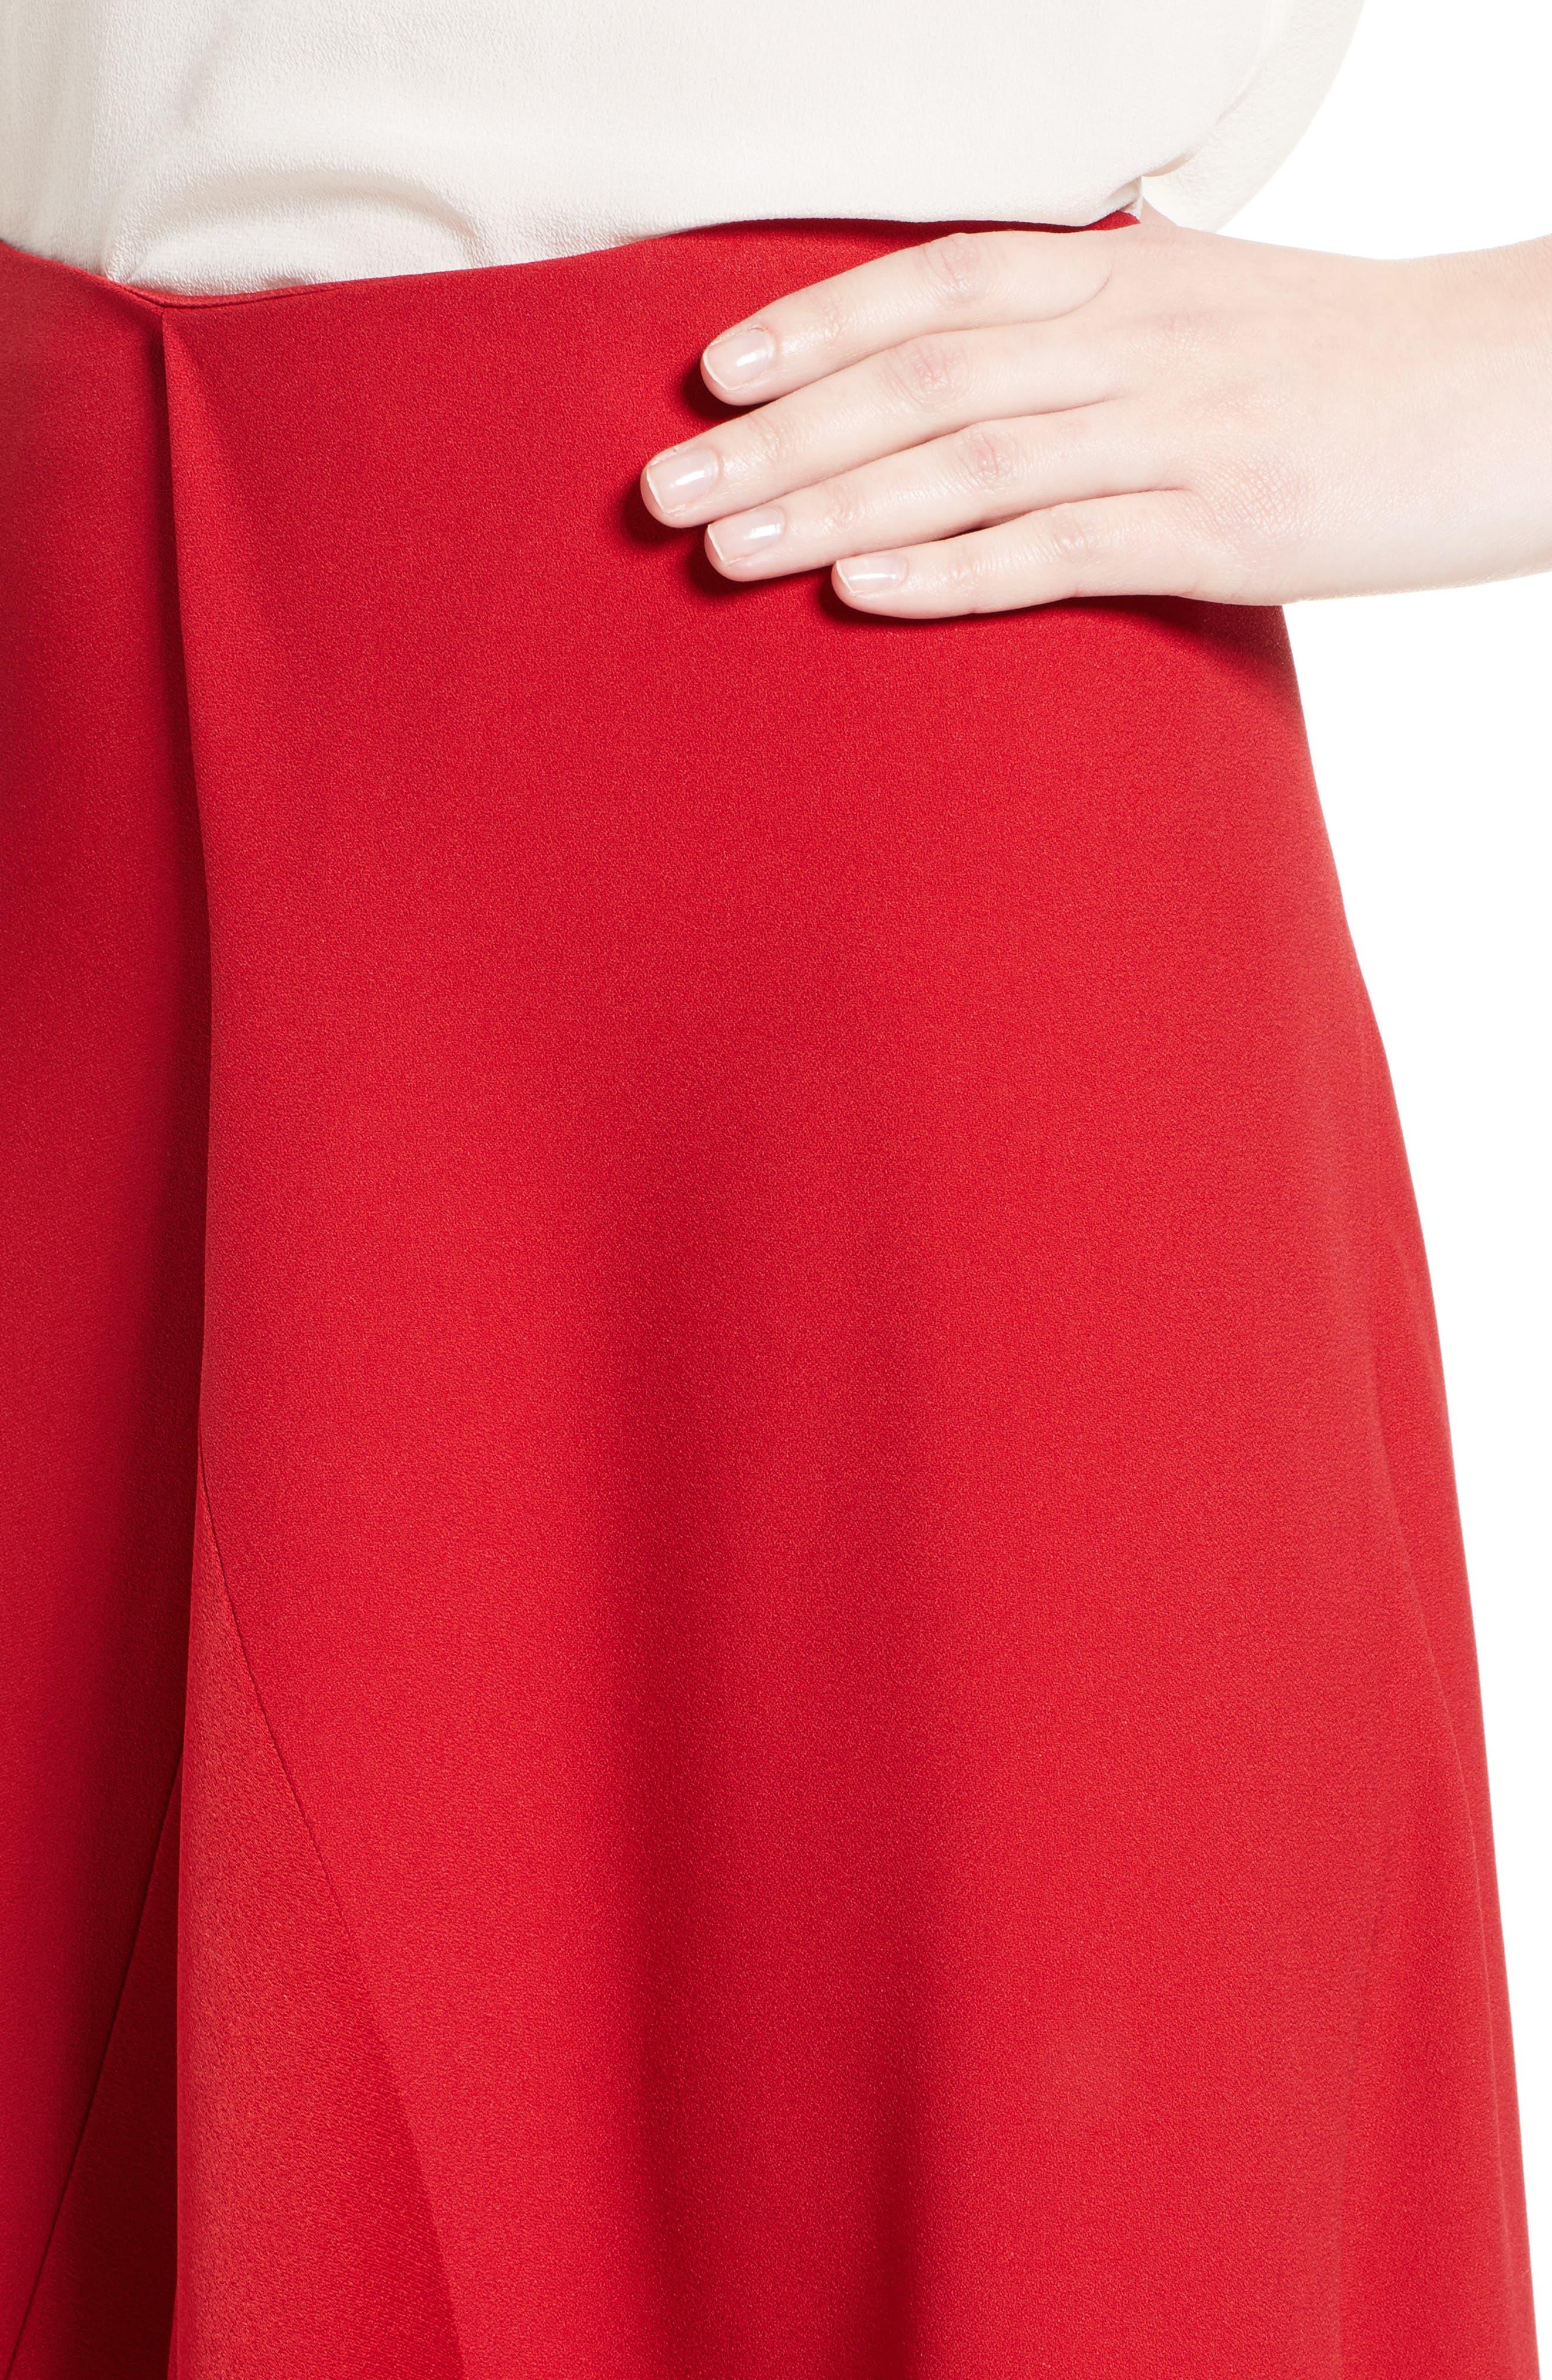 Satin Crepe Godet Skirt,                             Alternate thumbnail 4, color,                             600